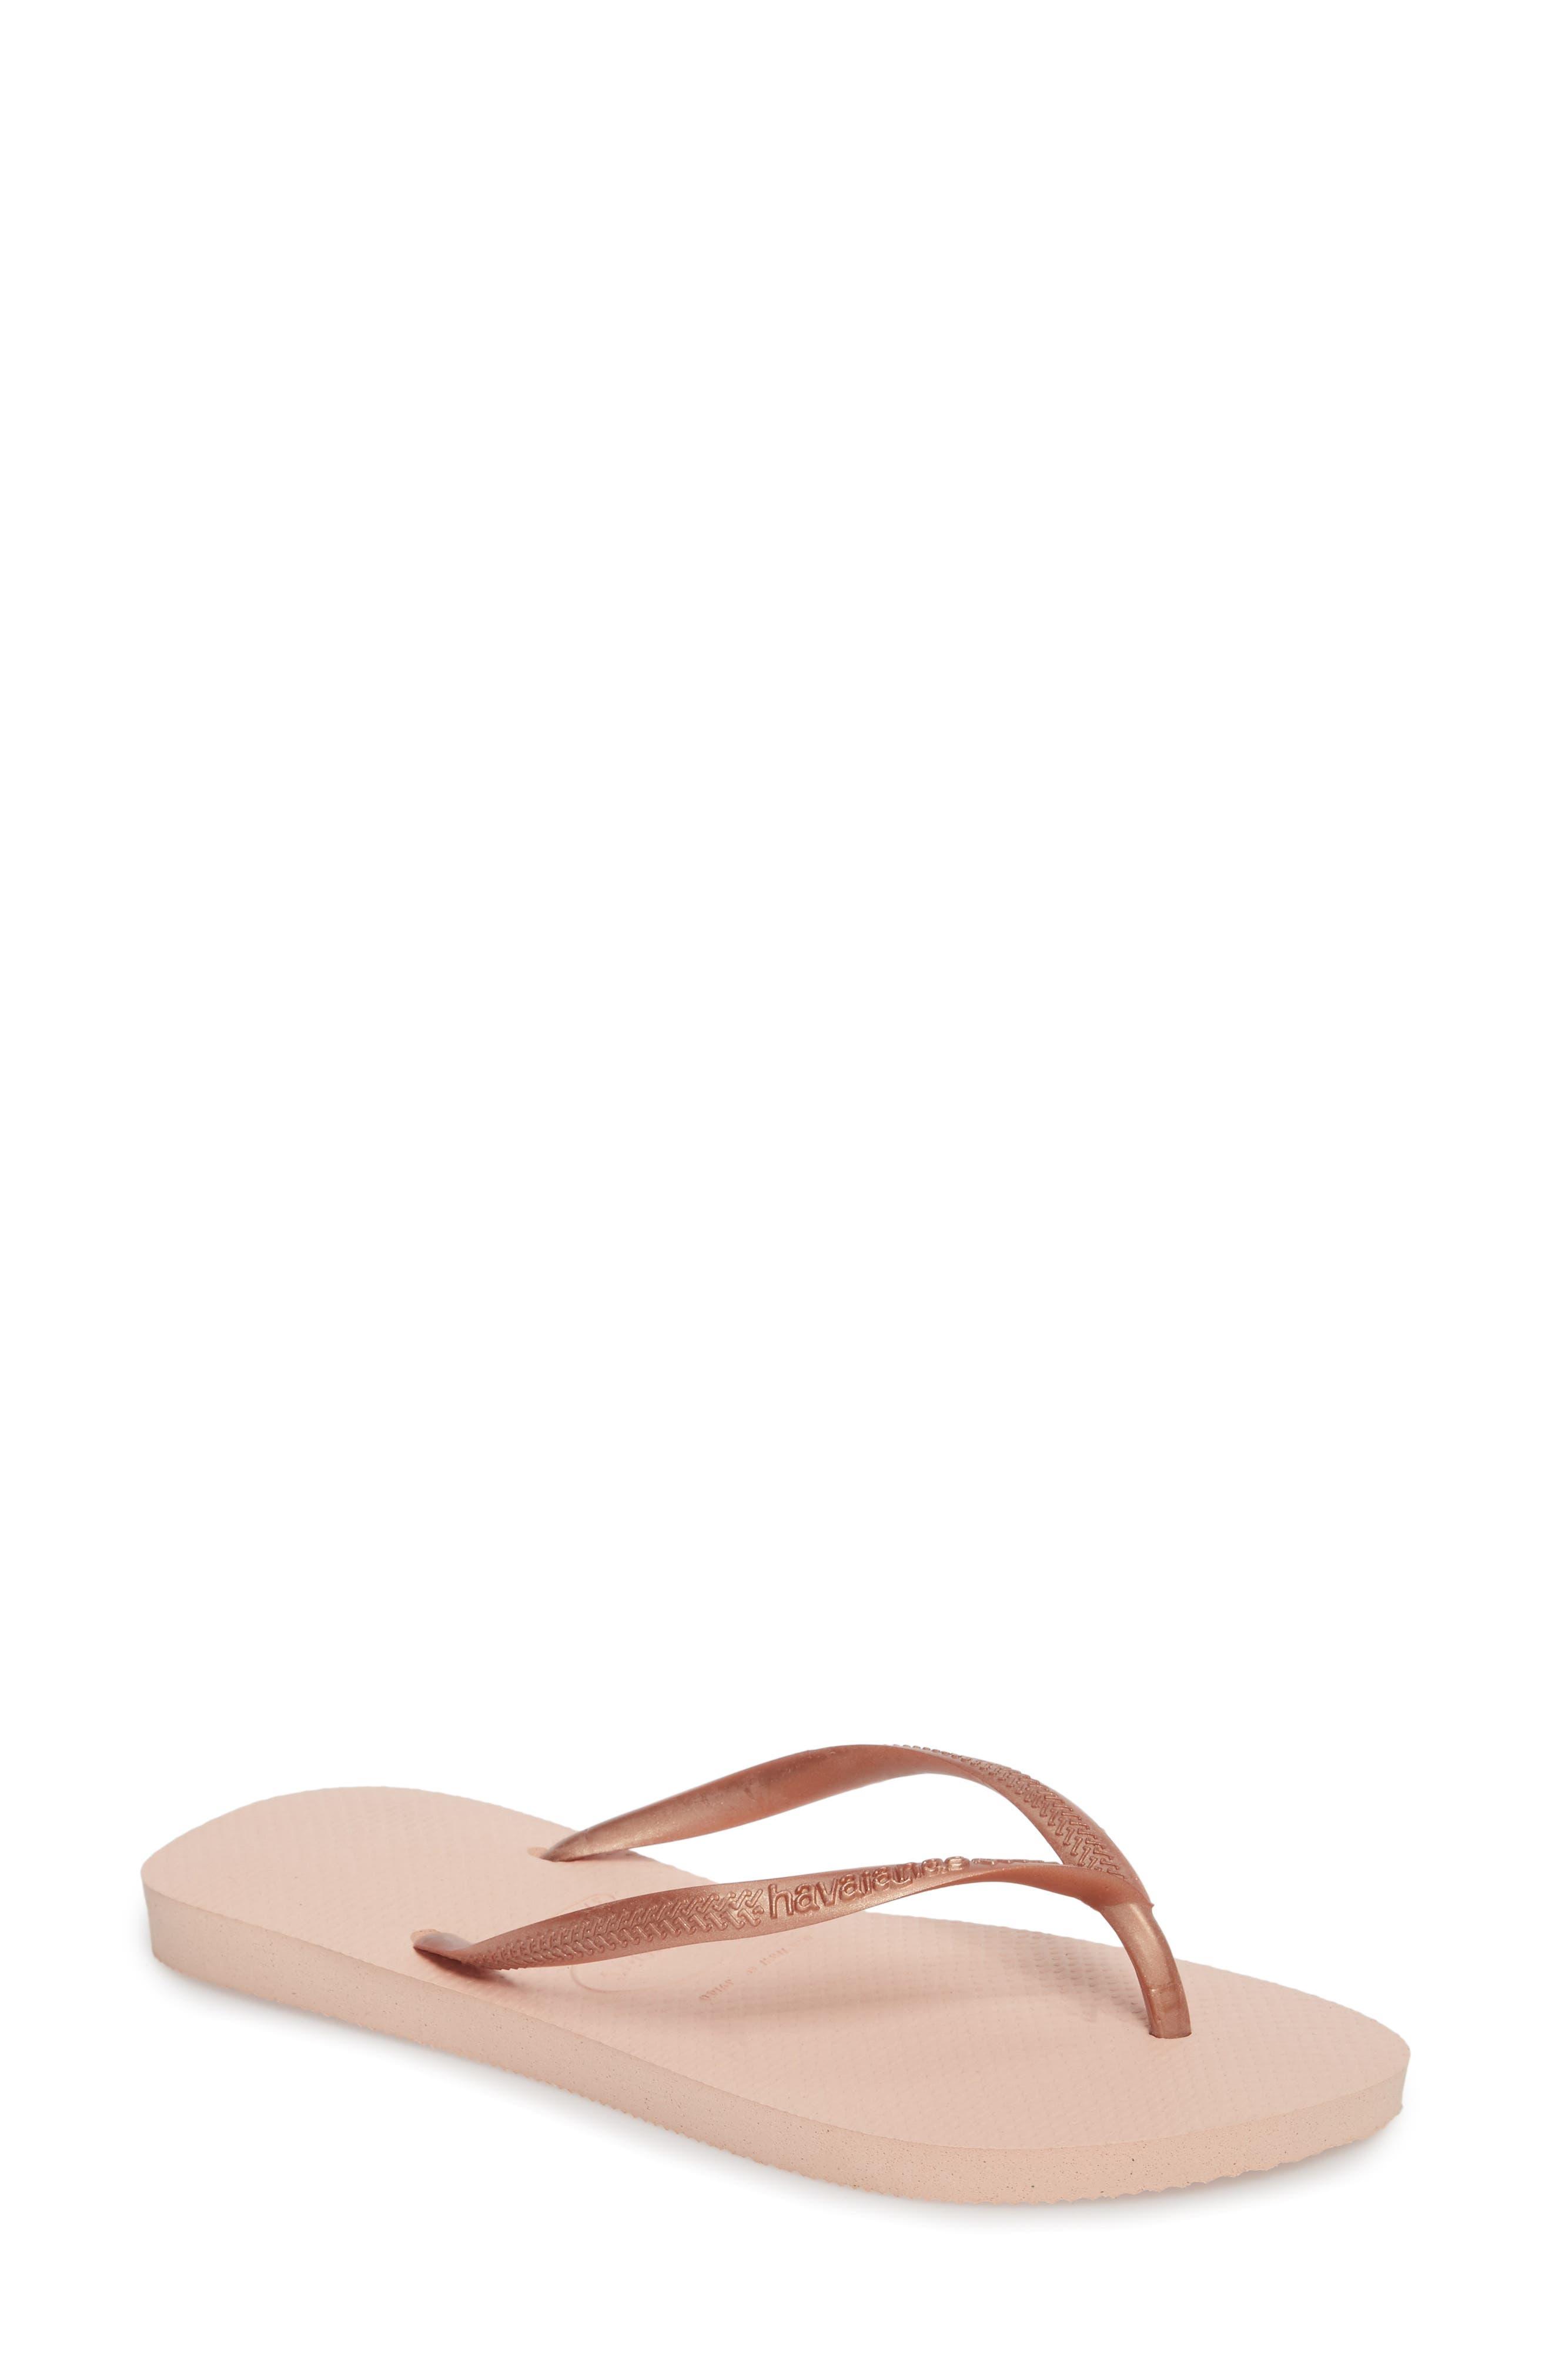 1ac531f7074 beach sandals